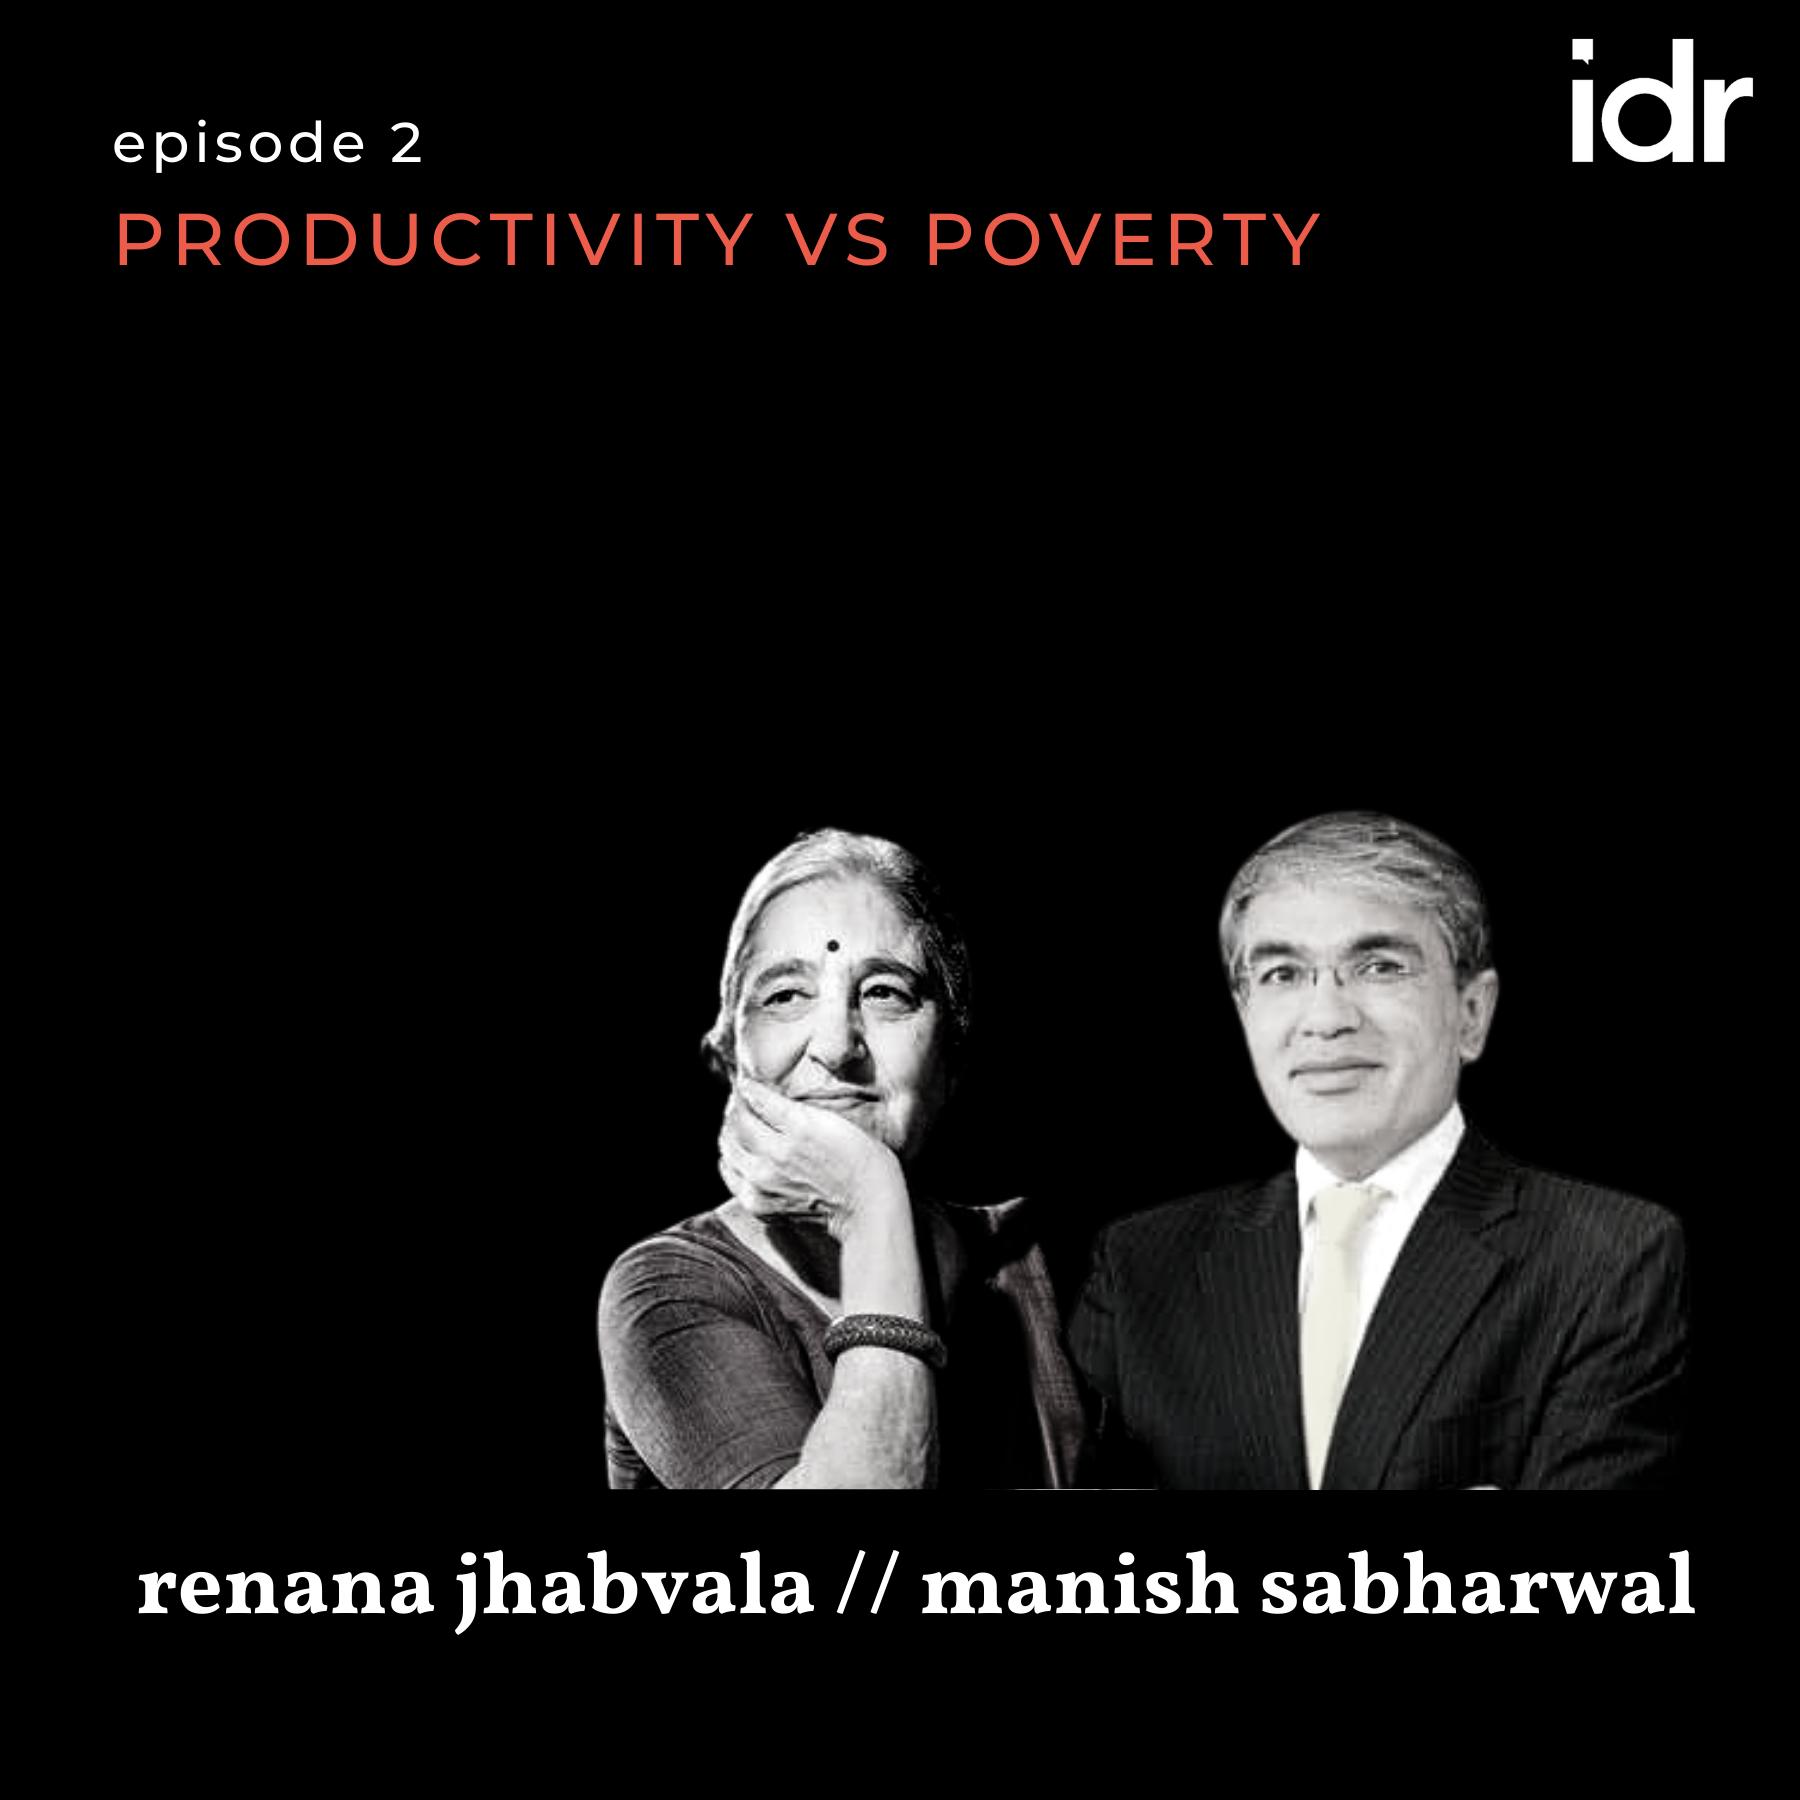 Productivity vs poverty